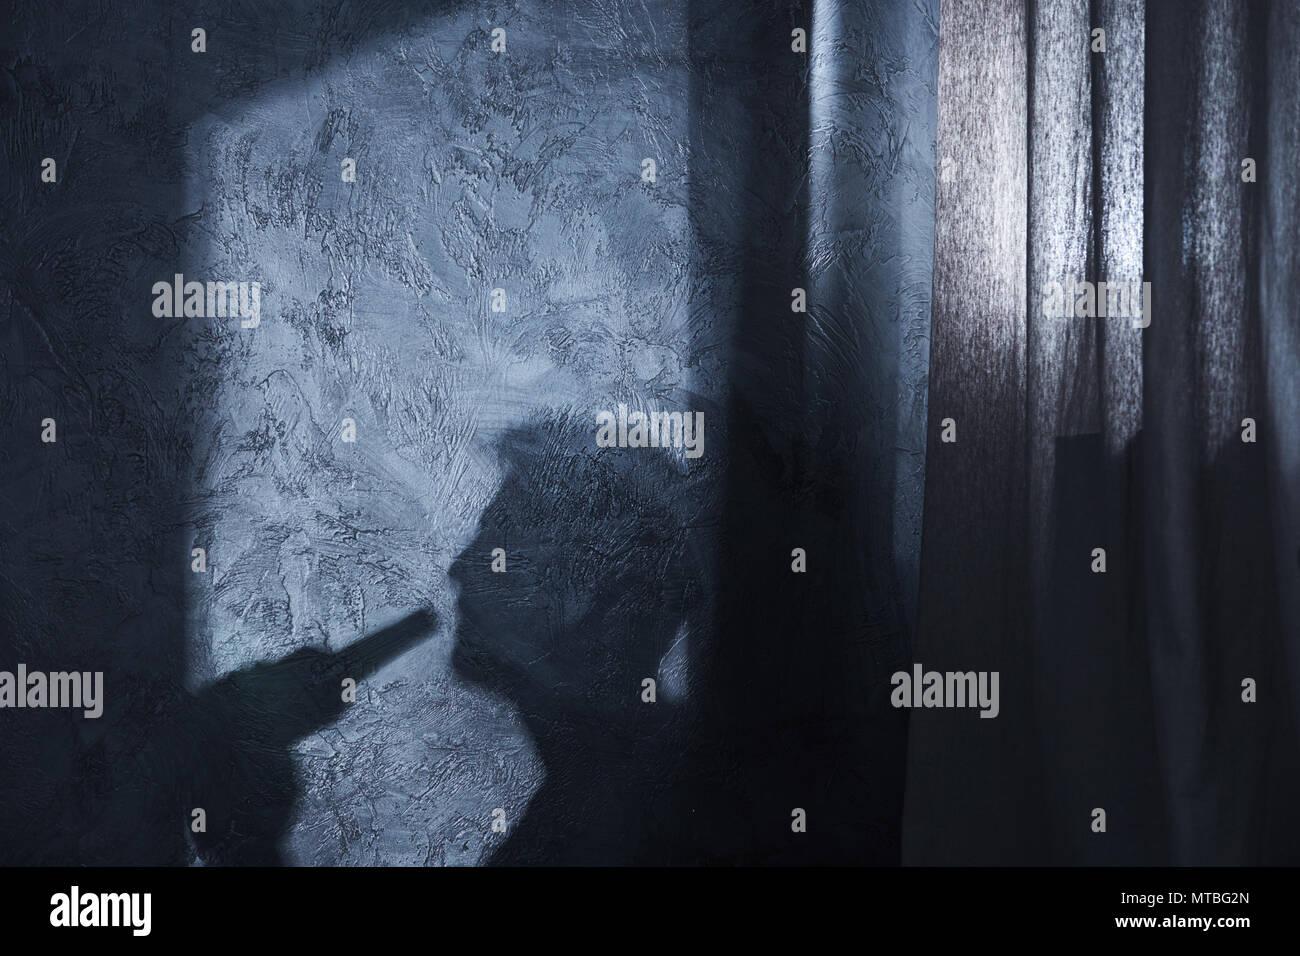 Schatten des trinkenden Mann auf der Mauer Stockbild